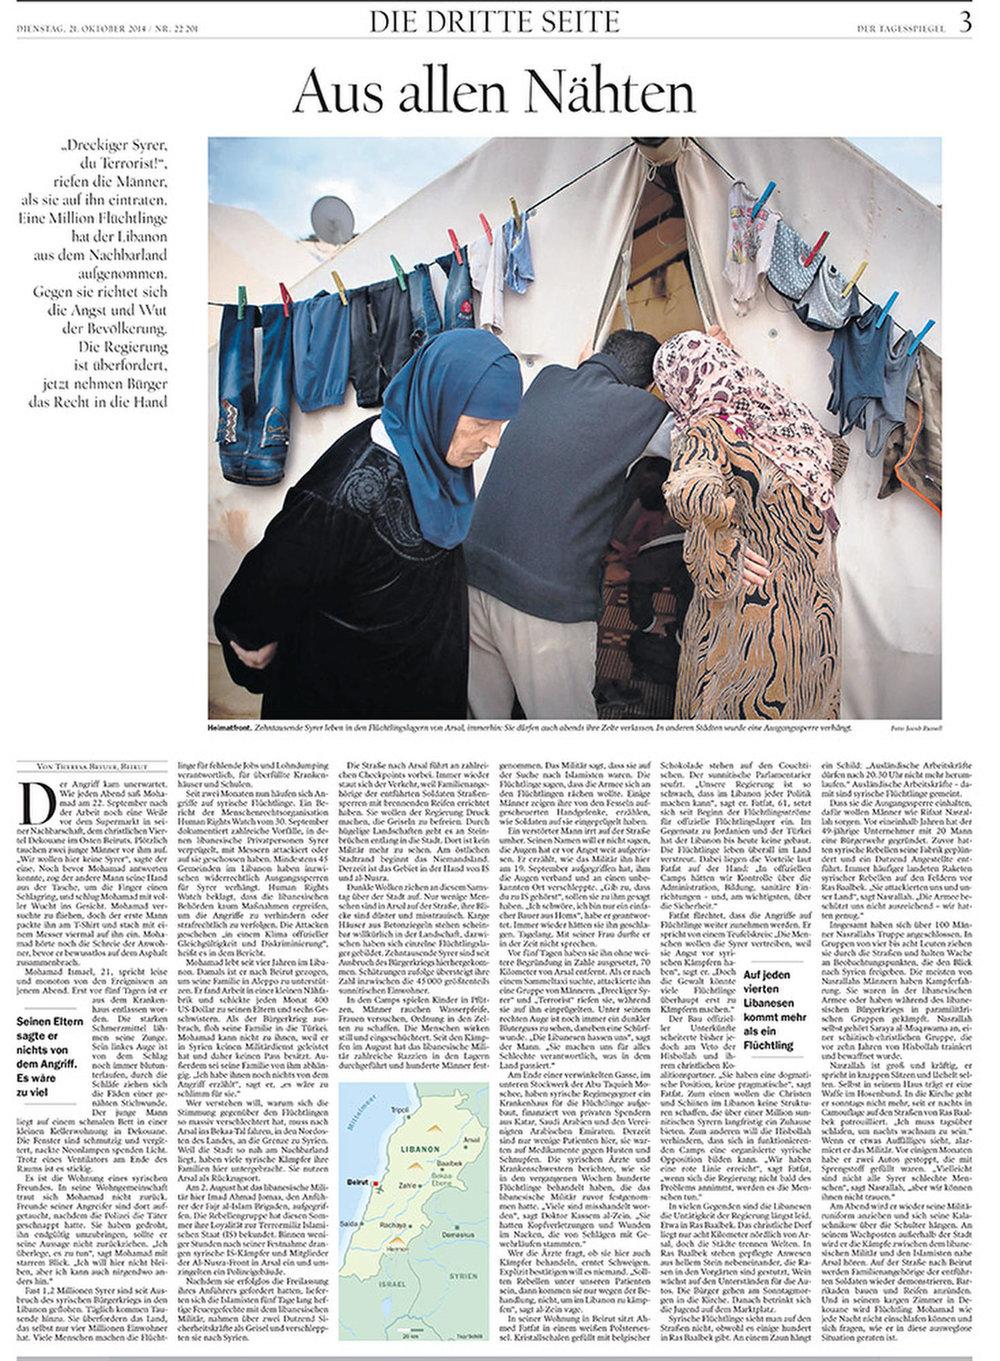 Tagesspiegel_Arsal.JPG